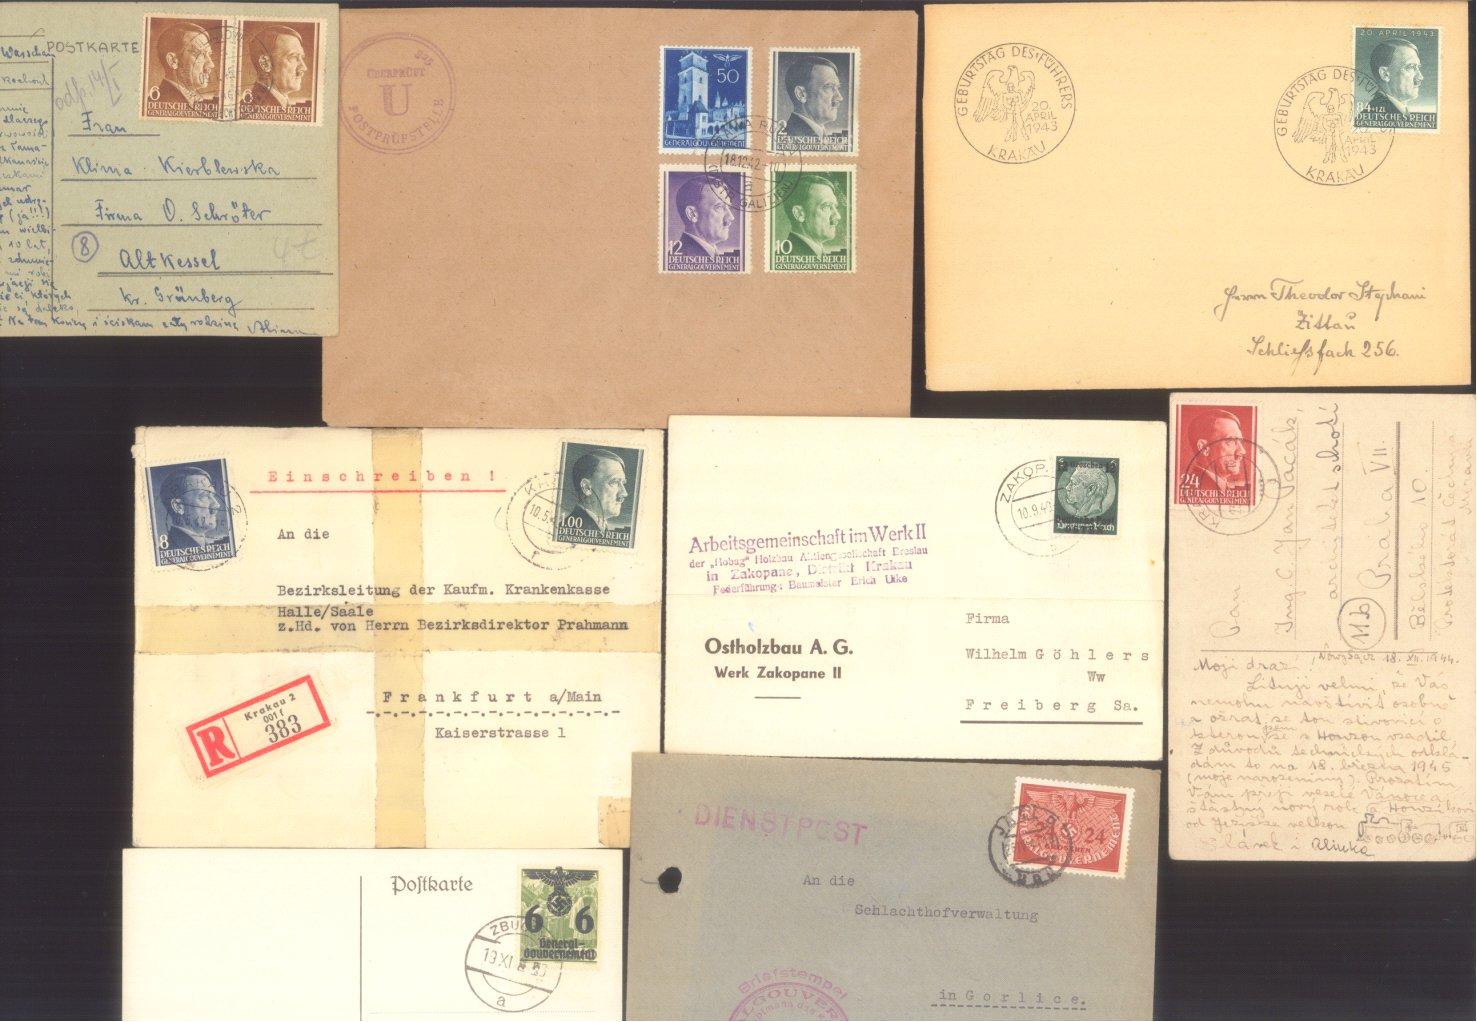 GENERALGOUVERNEMENT 1940-1945, Belegeposten